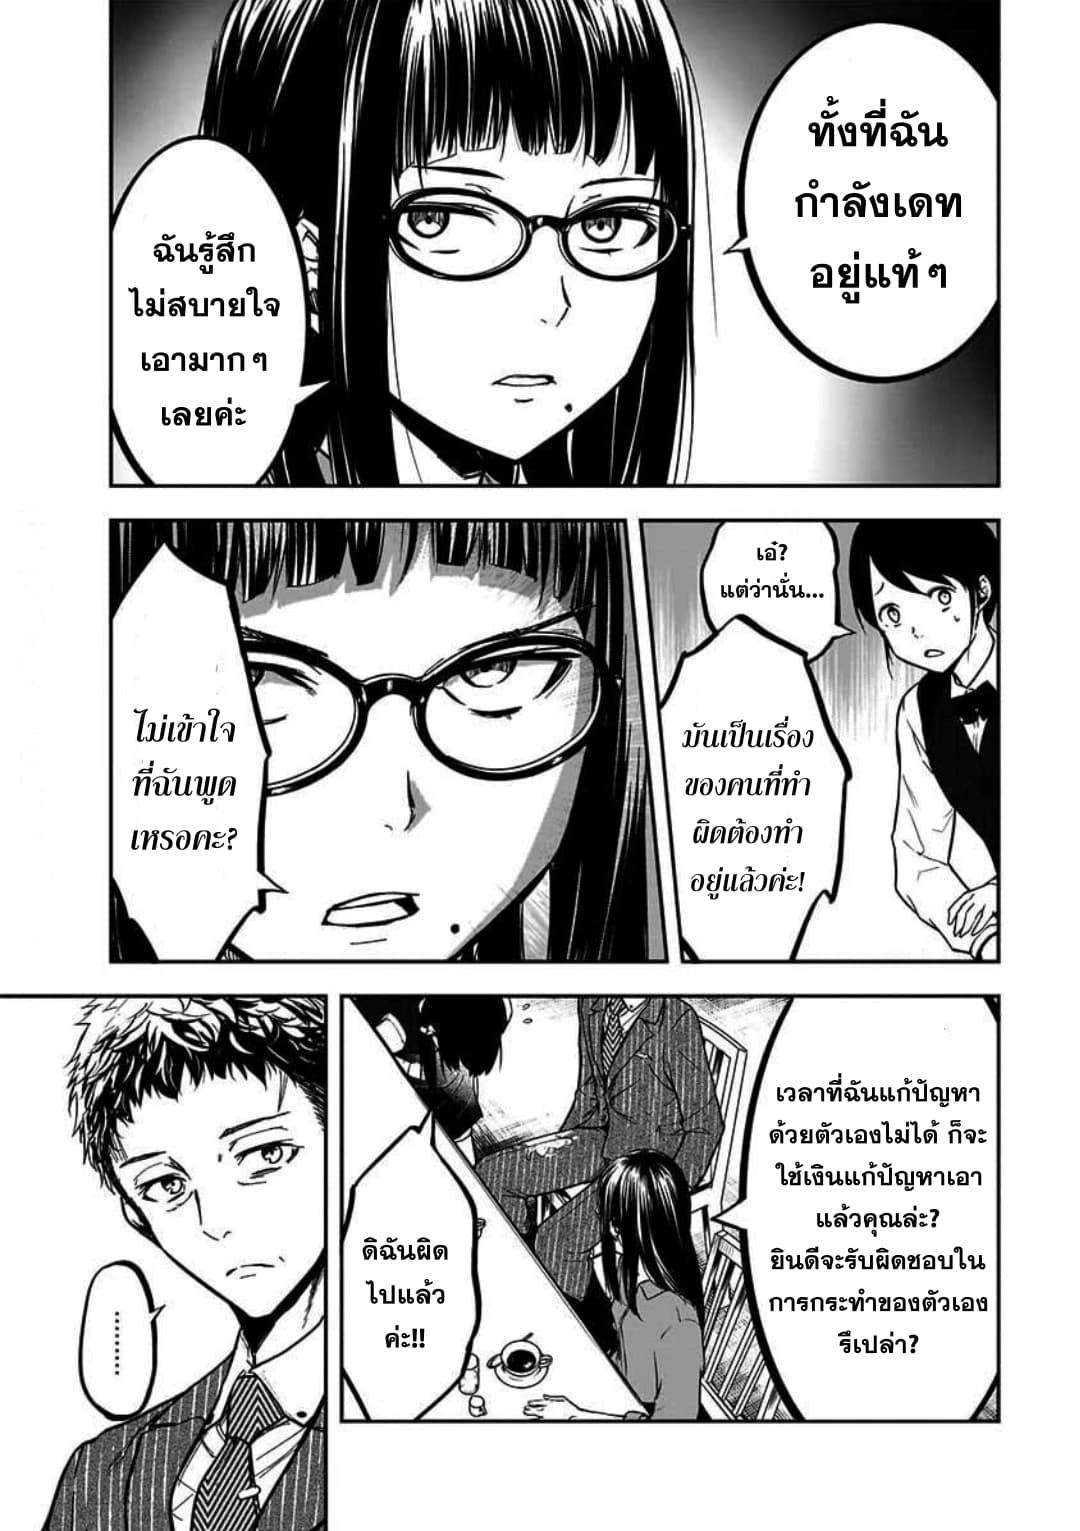 อ่านการ์ตูน Kanojo Gacha ตอนที่ 5 หน้าที่ 14